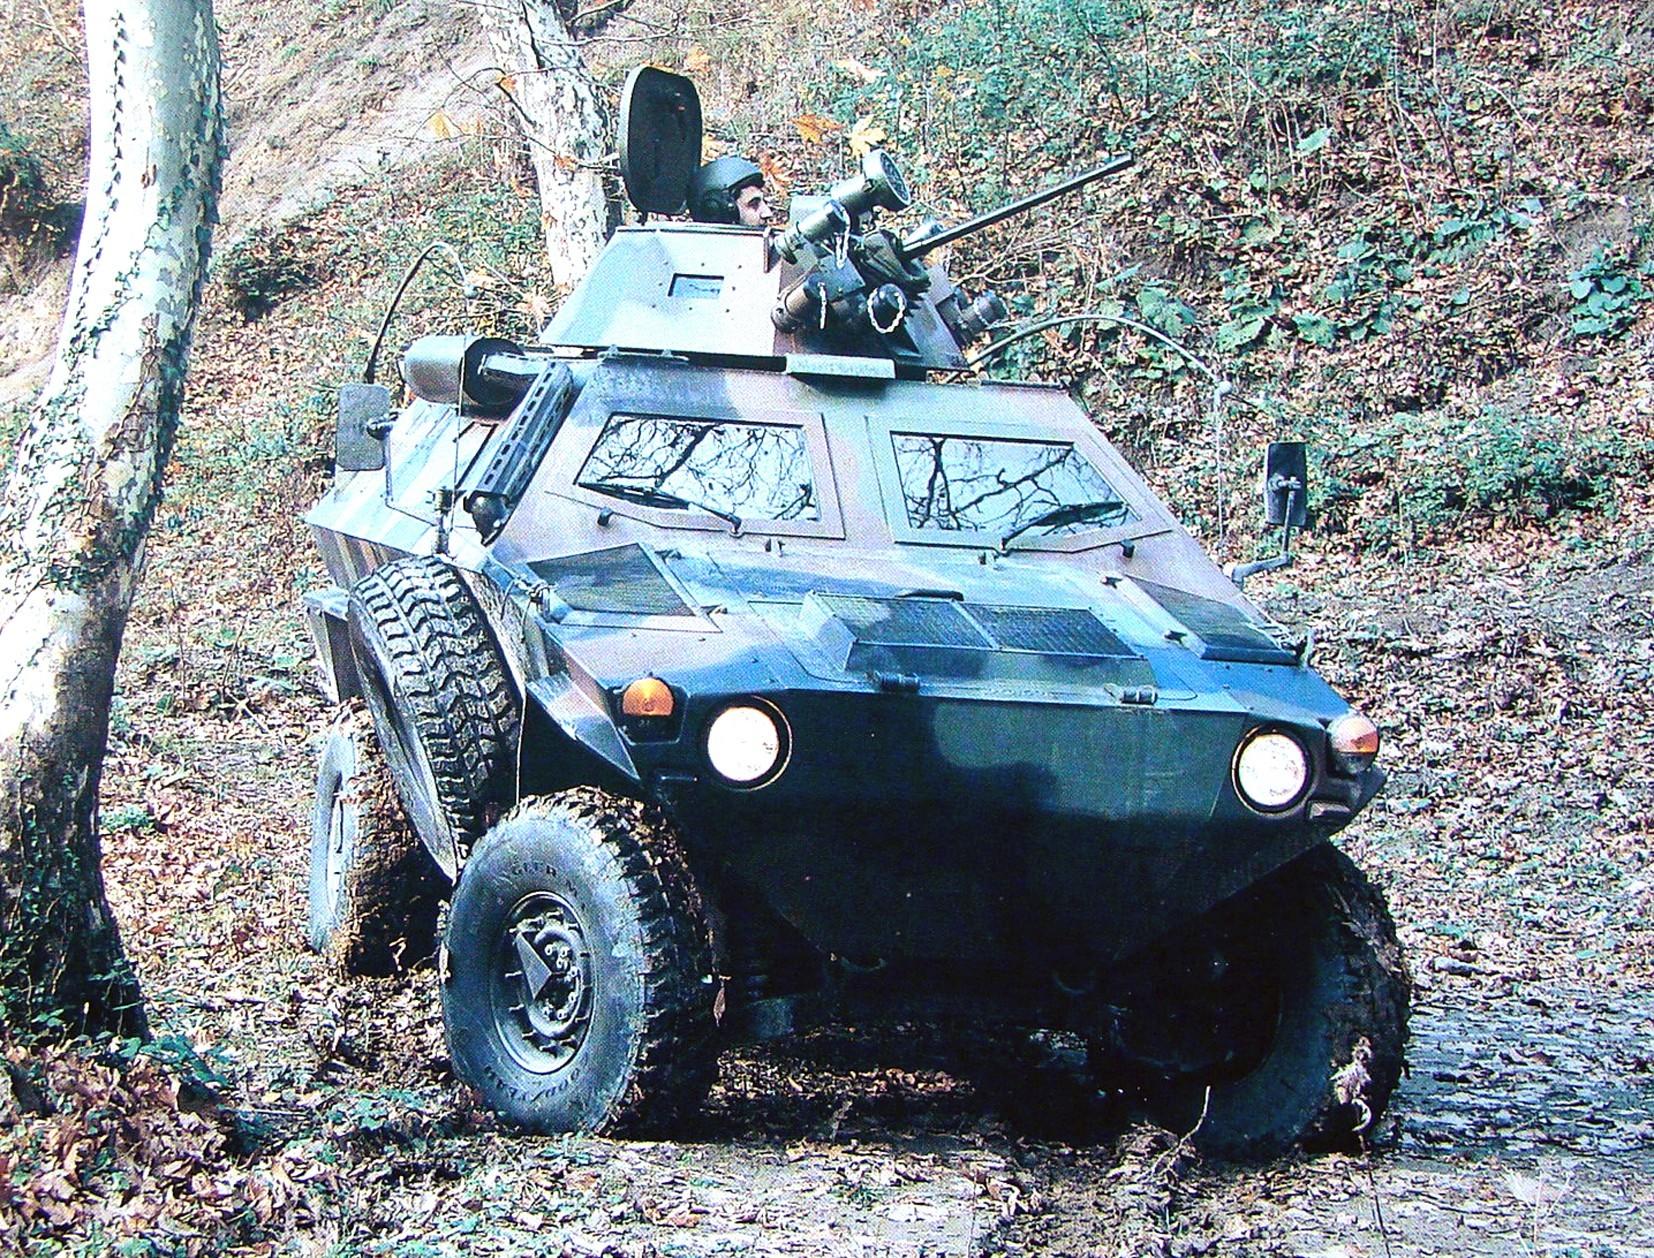 Боевая машина Cobra с 7,62-мм пулеметом в одноместной башне